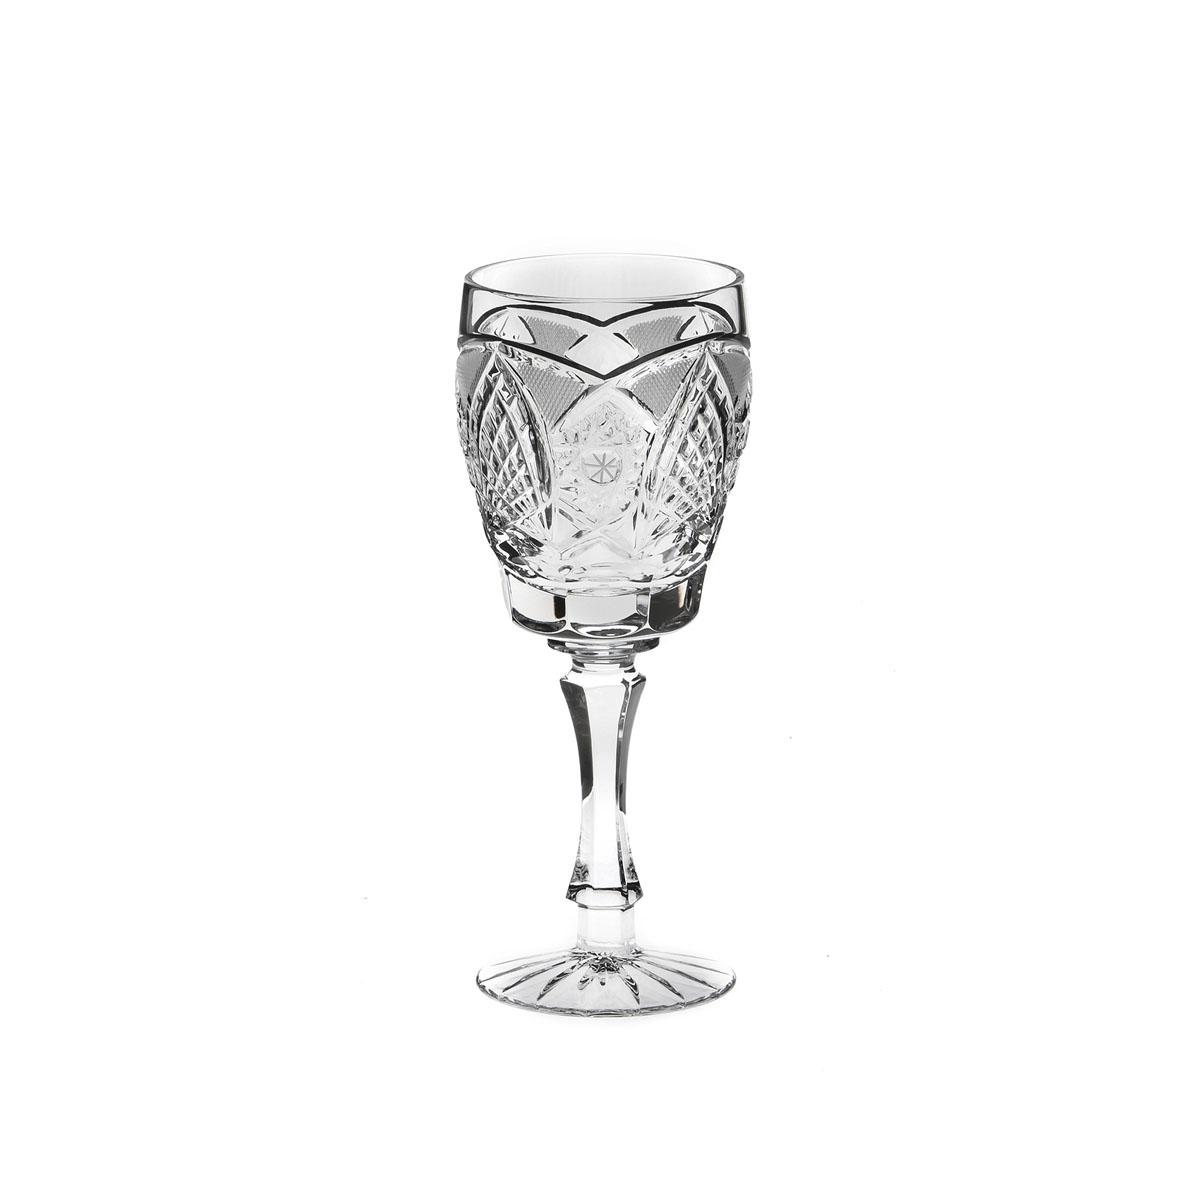 Бокал Дятьковский хрусталь Фирменный, 200 млGE09-411Бокал Дятьковский Хрусталь Фирменный, изготовленный из высококачественного прочного хрусталя, отлично дополнит вашу коллекцию посуды. Изделие декорировано красивым рельефом, отличается изысканным дизайном и высоким качеством исполнения. Бокал предназначен для вина. Красота всегда современна. Поэтому хрустальные бокалы продолжают быть желанным подарком, украшением интерьера и праздничного стола даже в эпоху хай-тека. Хрусталь несет ощущение праздничности, подчеркивает комфорт и порой даже придает интерьеру некую аристократичность. Диаметр (по верхнему краю): 6,5 см. Высота: 17,5 см.